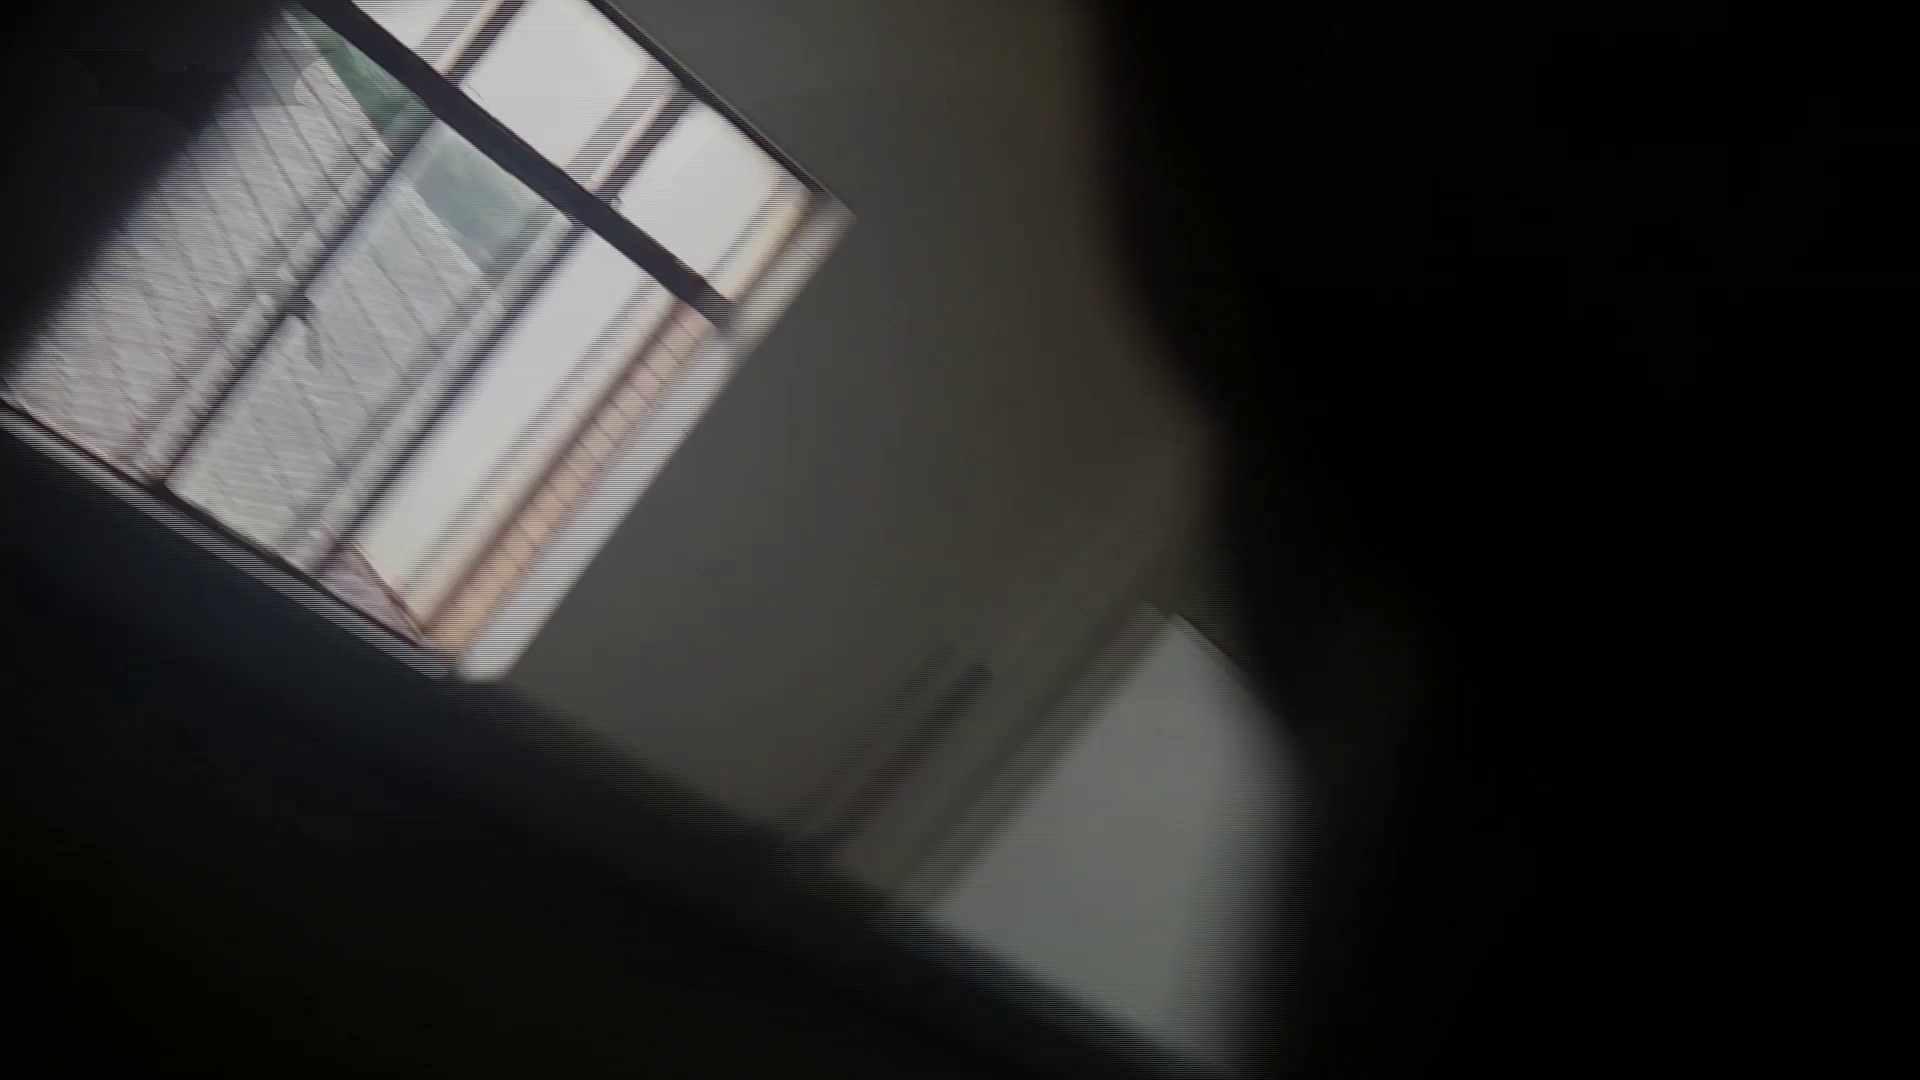 潜入!!台湾名門女学院 Vol.04 二ケツ同時撮り!! ギャル  53PIX 26